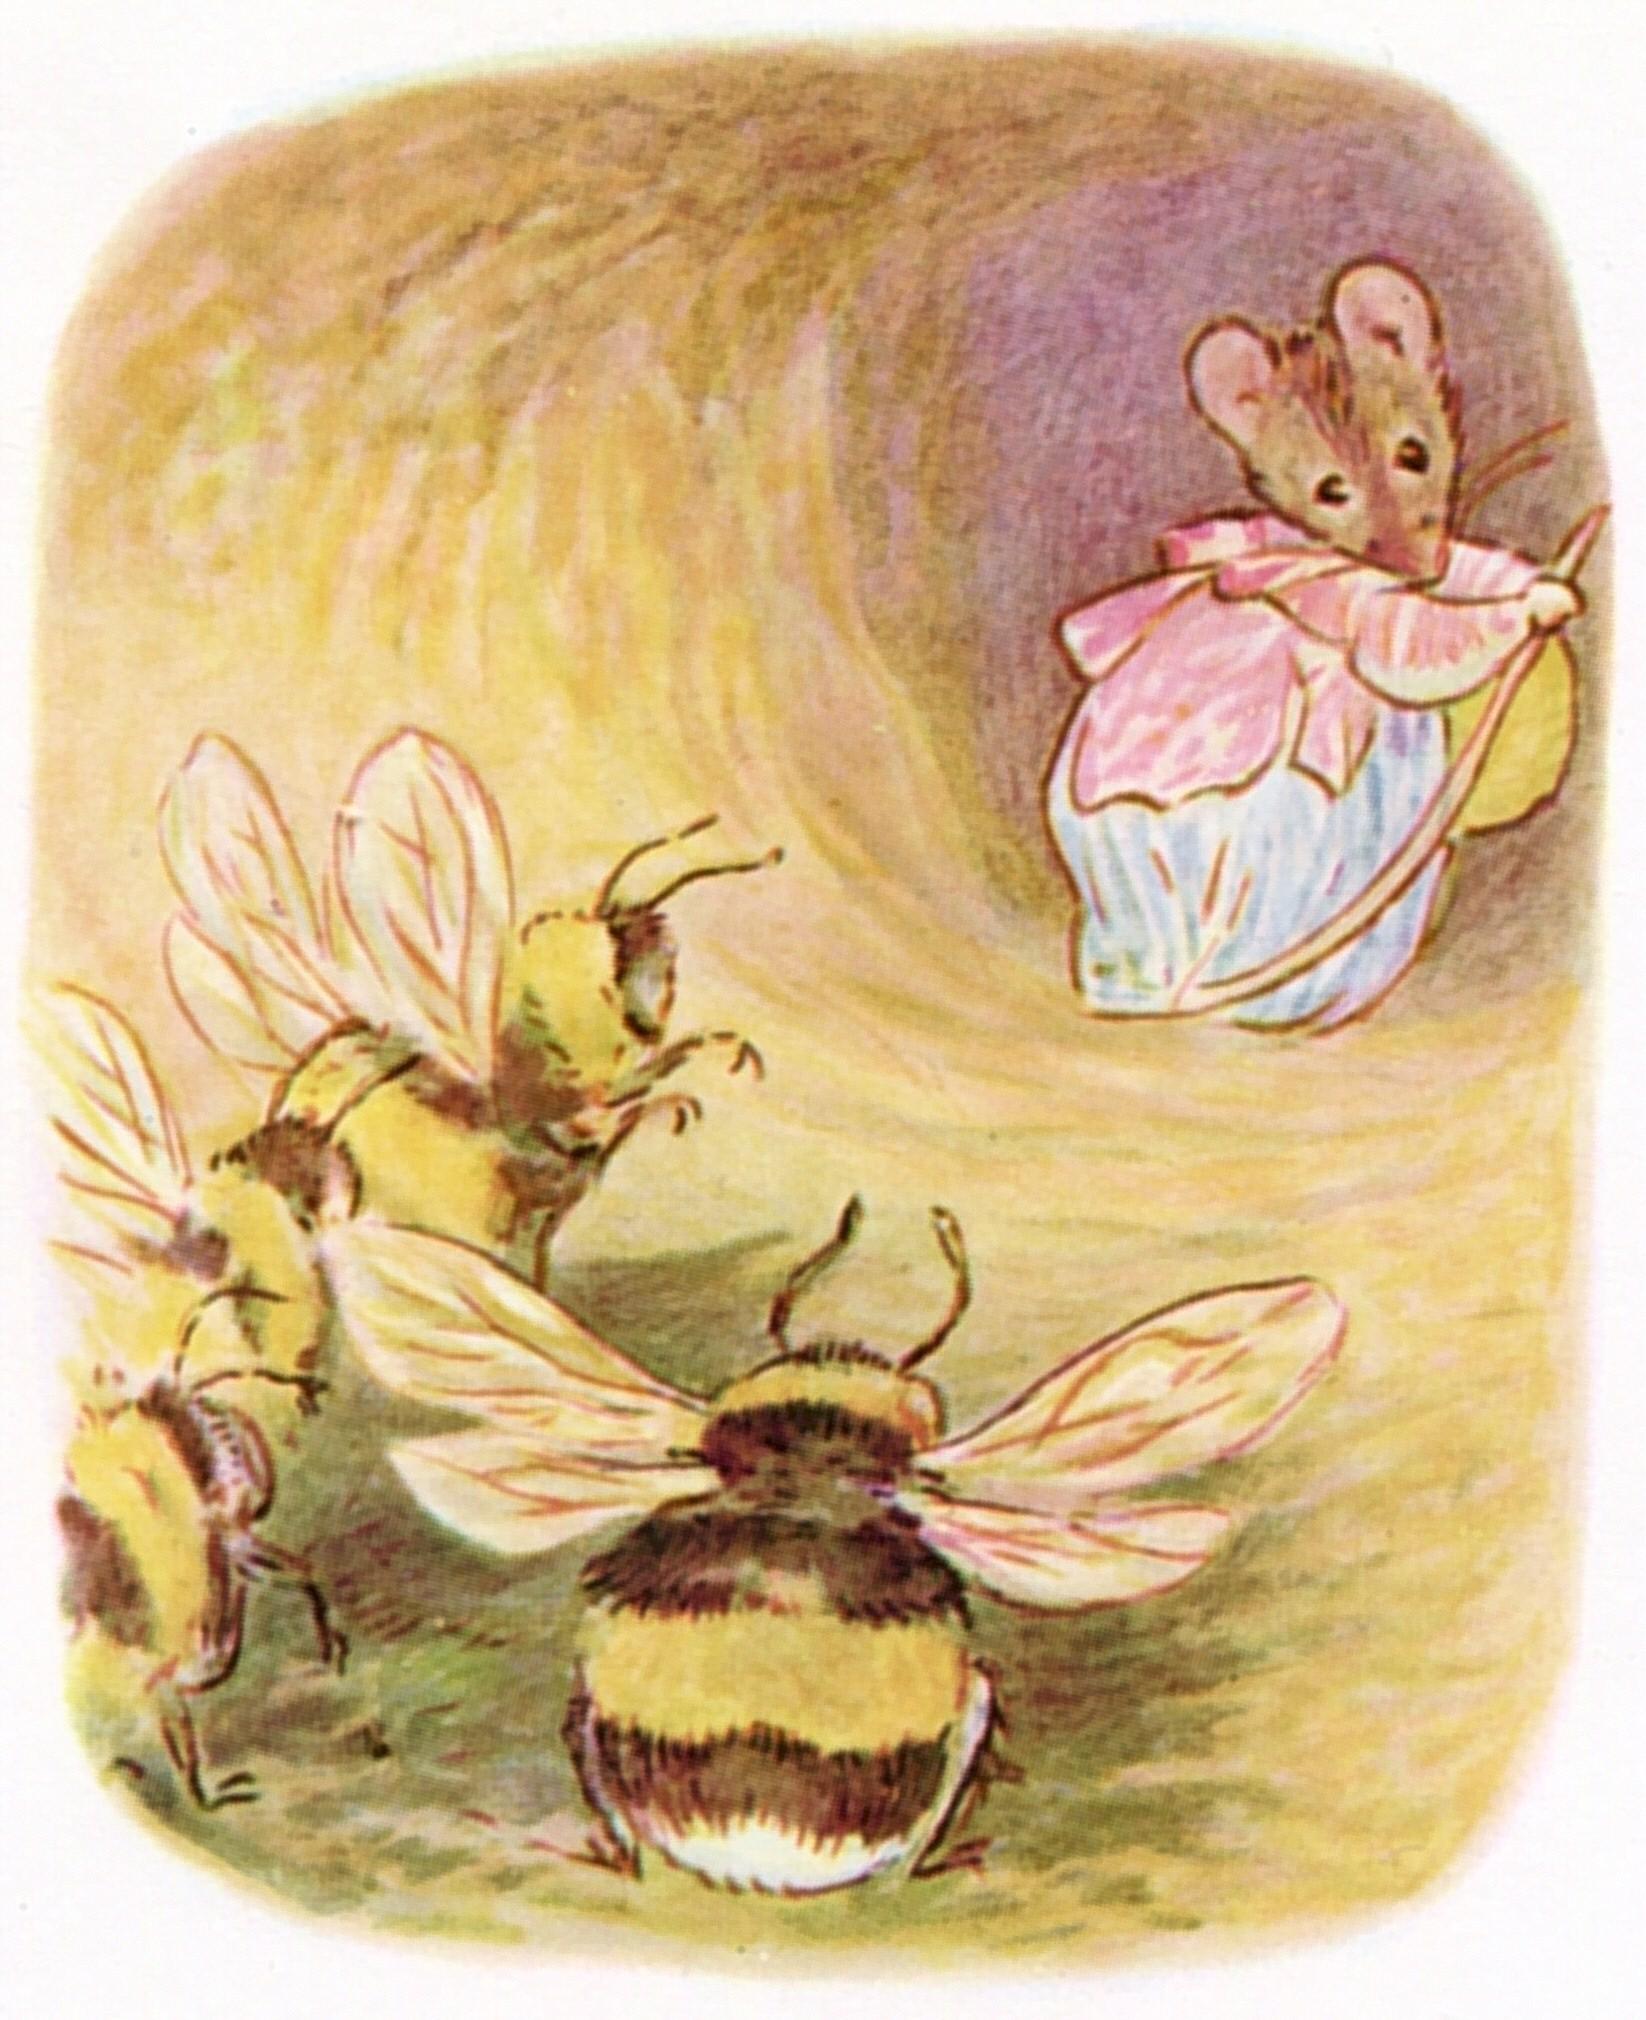 buzz buzz squeak